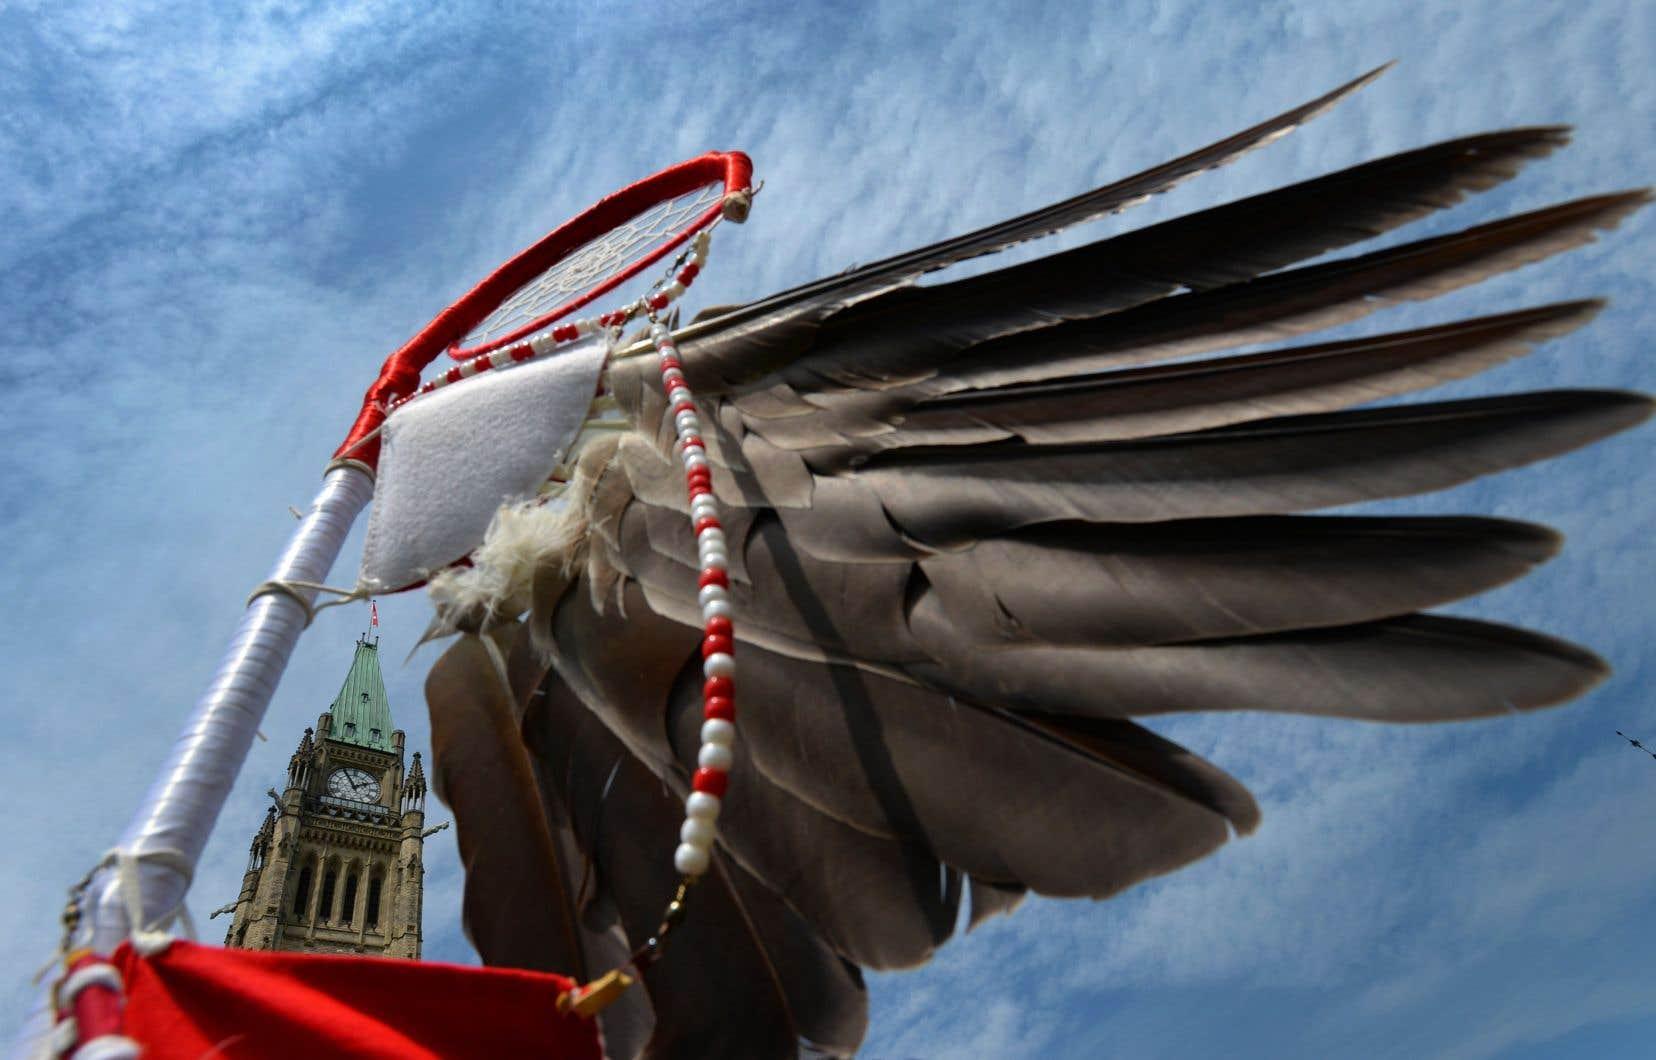 «Malgré l'image bienveillante du Canada, son histoire regorge d'exemples de violence médicale génocidaire infligée aux communautés autochtones, y compris envers des enfants, avec des médecins canadiens menant souvent la charge», écrivent les auteurs.